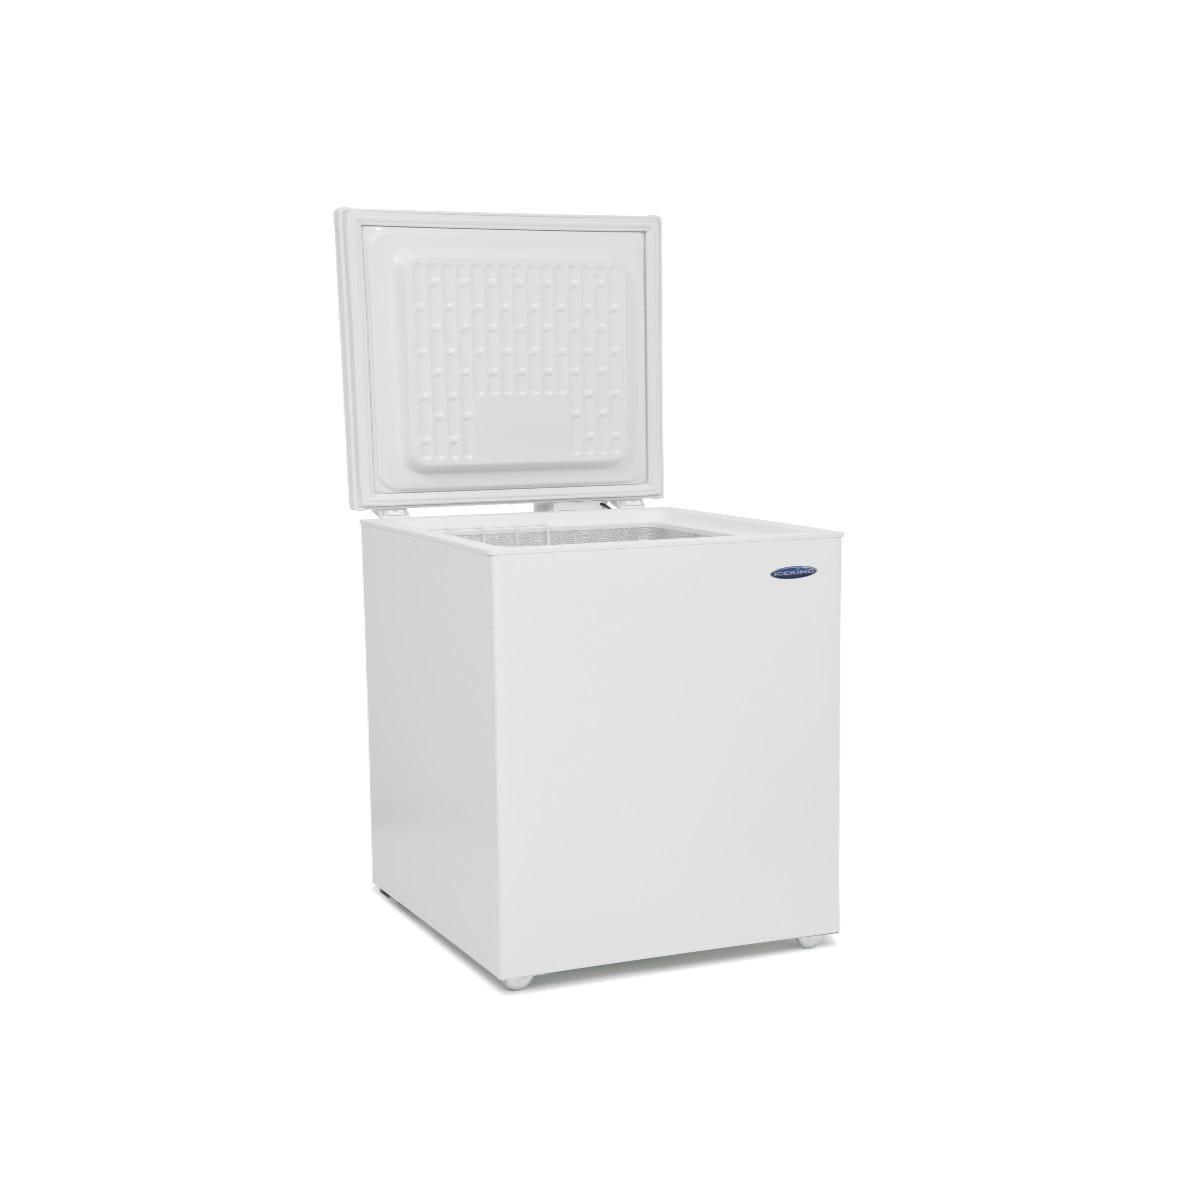 IceKing CF131W.E 131 Litre Chest Freezer - White